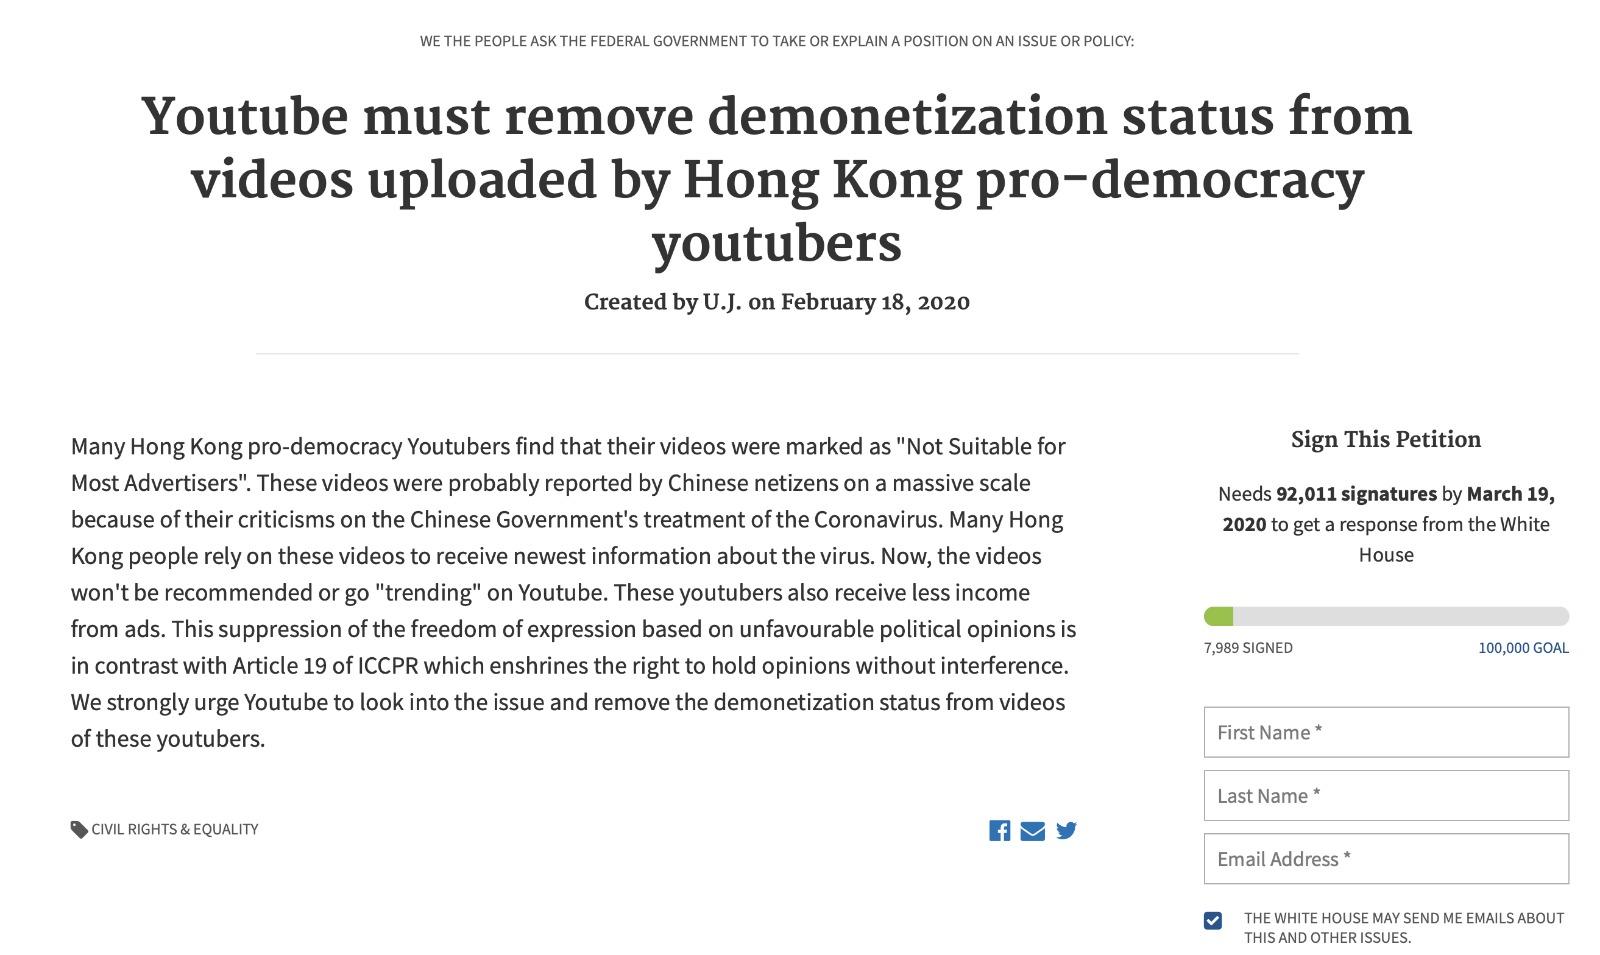 18日,網上發起聯署要求YouTube移除香港民主YouTuber的視頻的黃標,到目前為止已徵得7,565簽名。(白宮官網截圖)